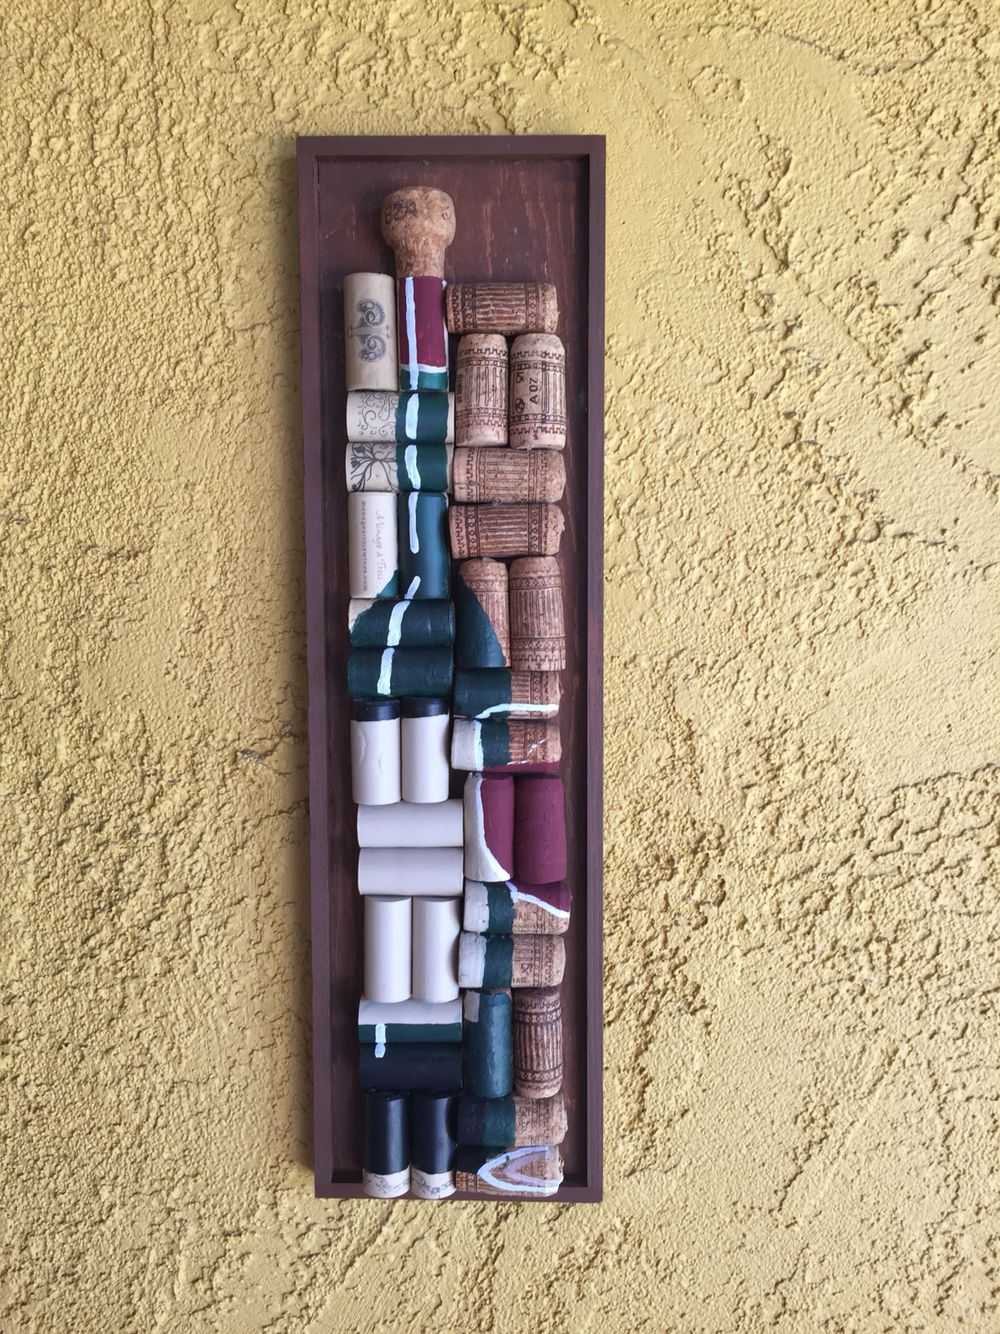 Cuadro pintado copa de vino y botella con corchos for Cuadros con corchos